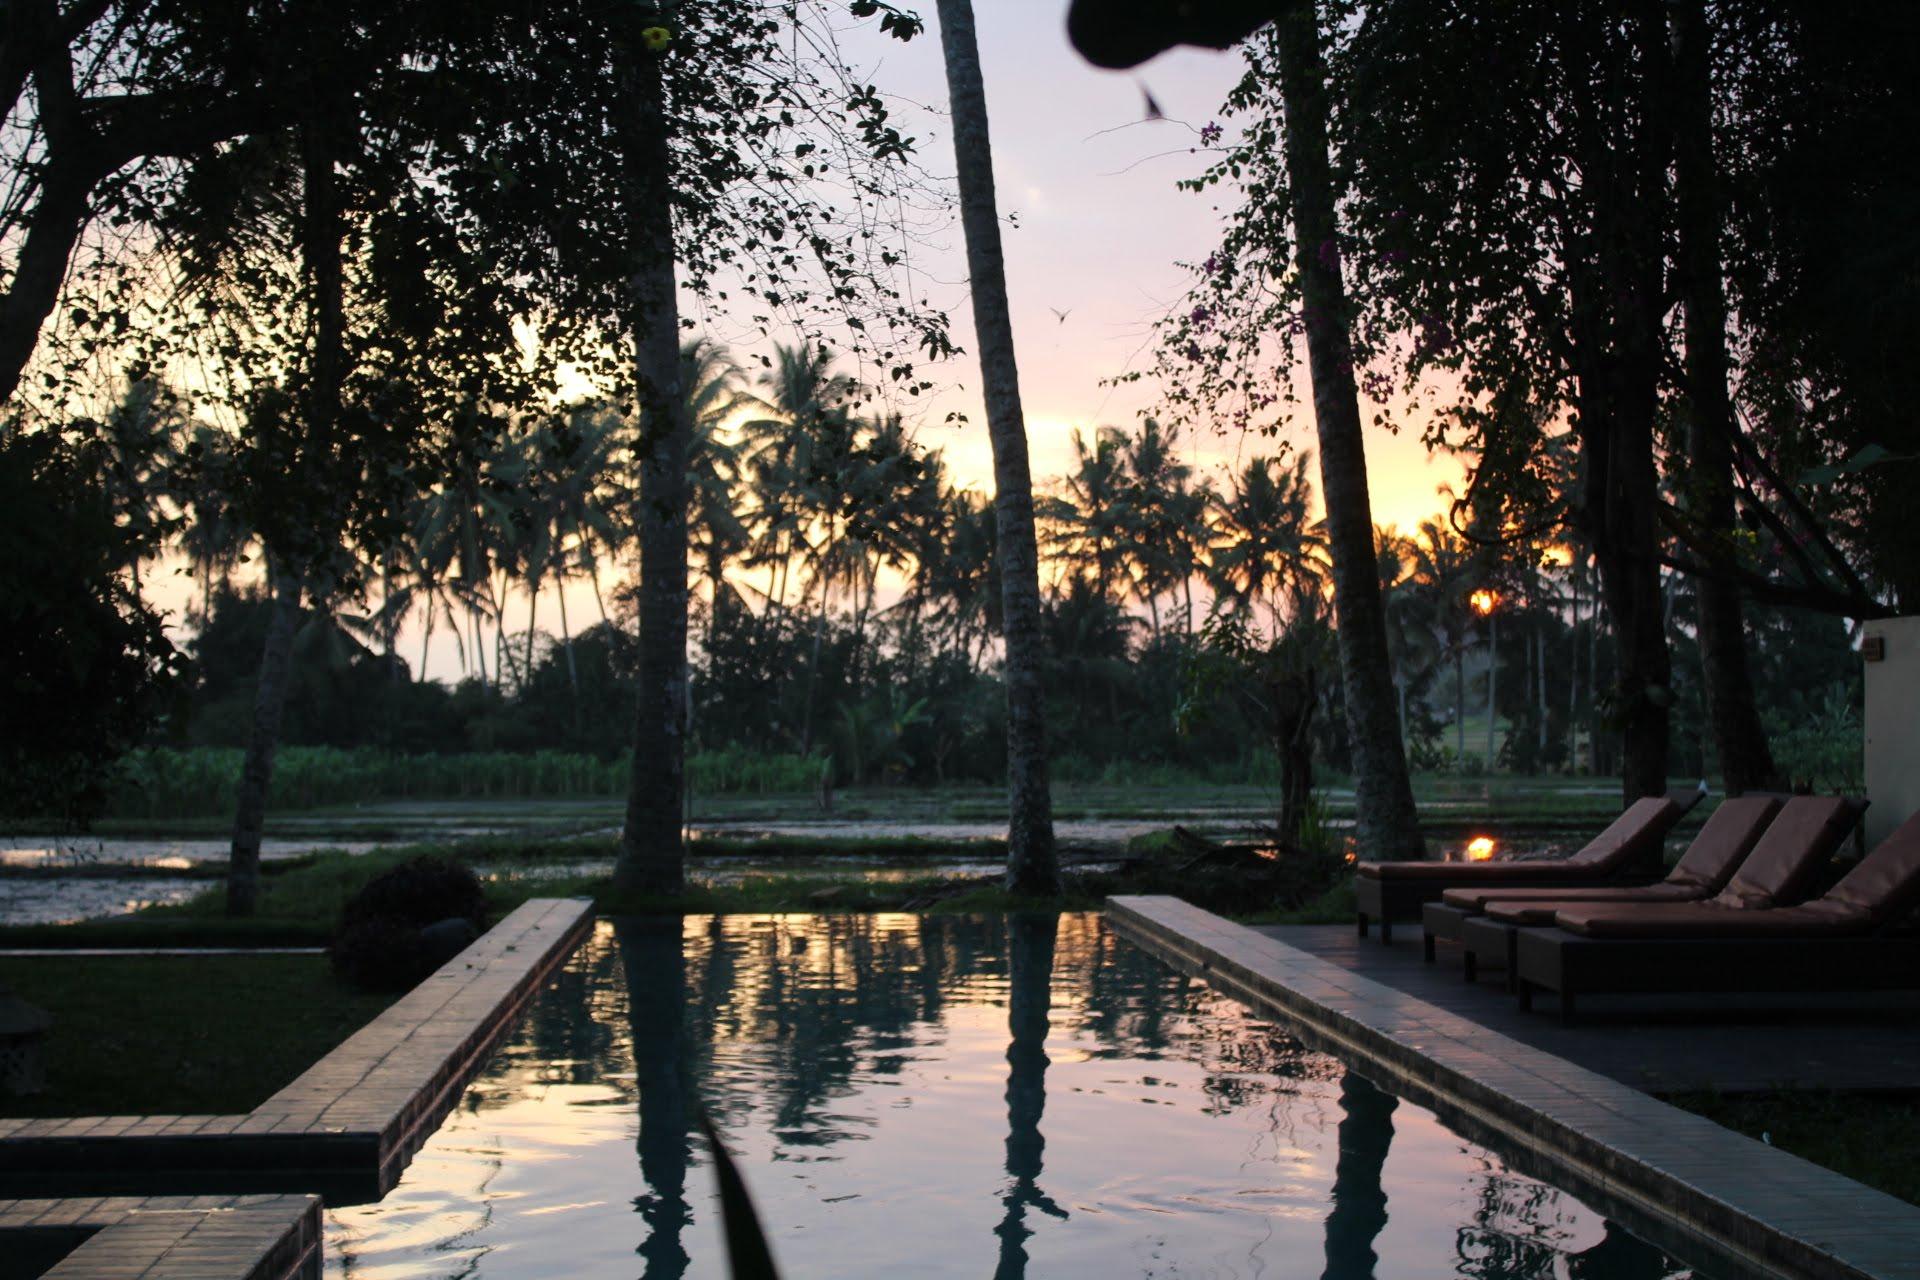 Vista da piscina com uma plantação de arroz ao fundo.